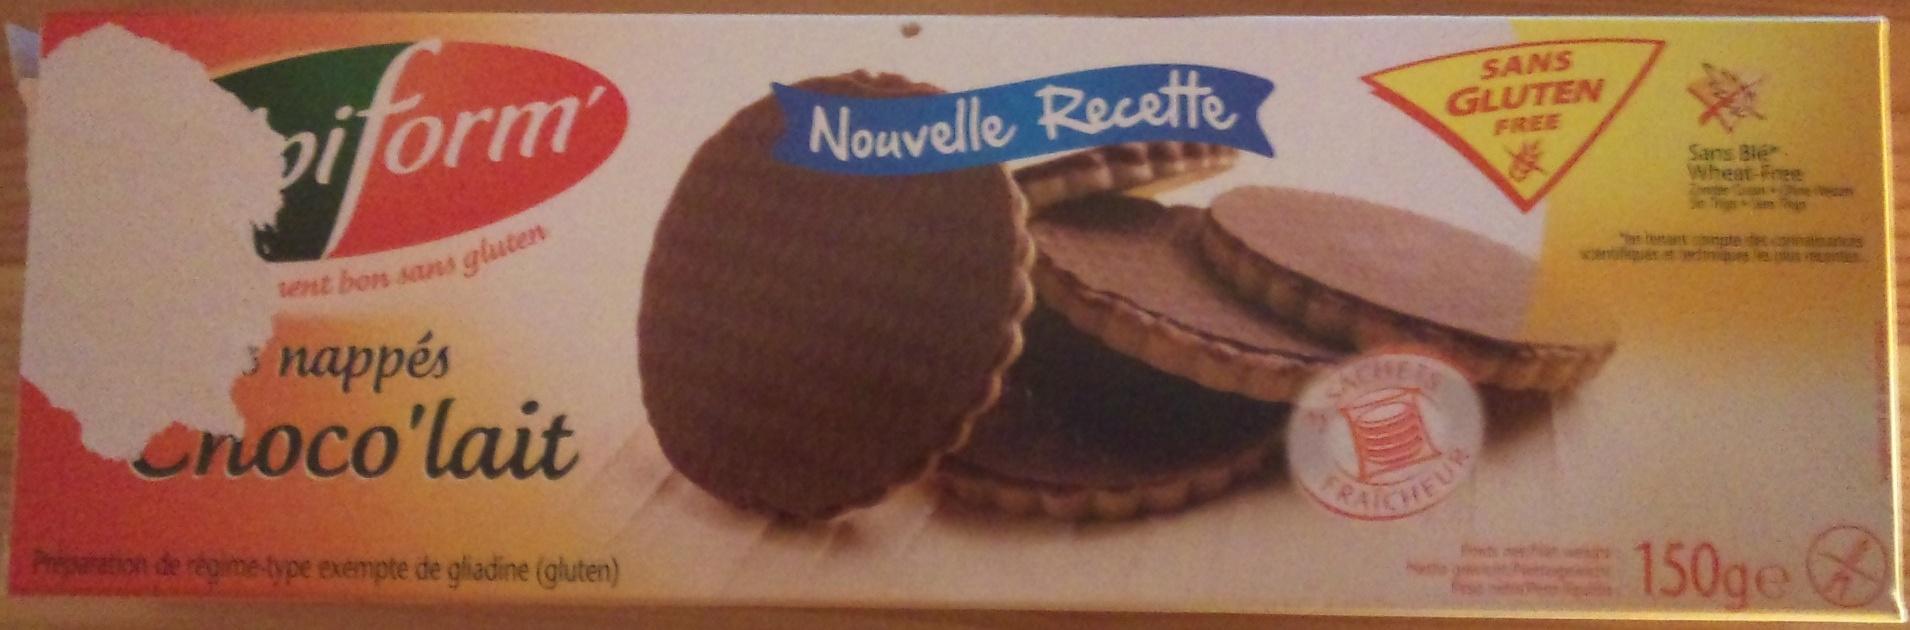 Biscuits nappés choco'lait - Produit - fr